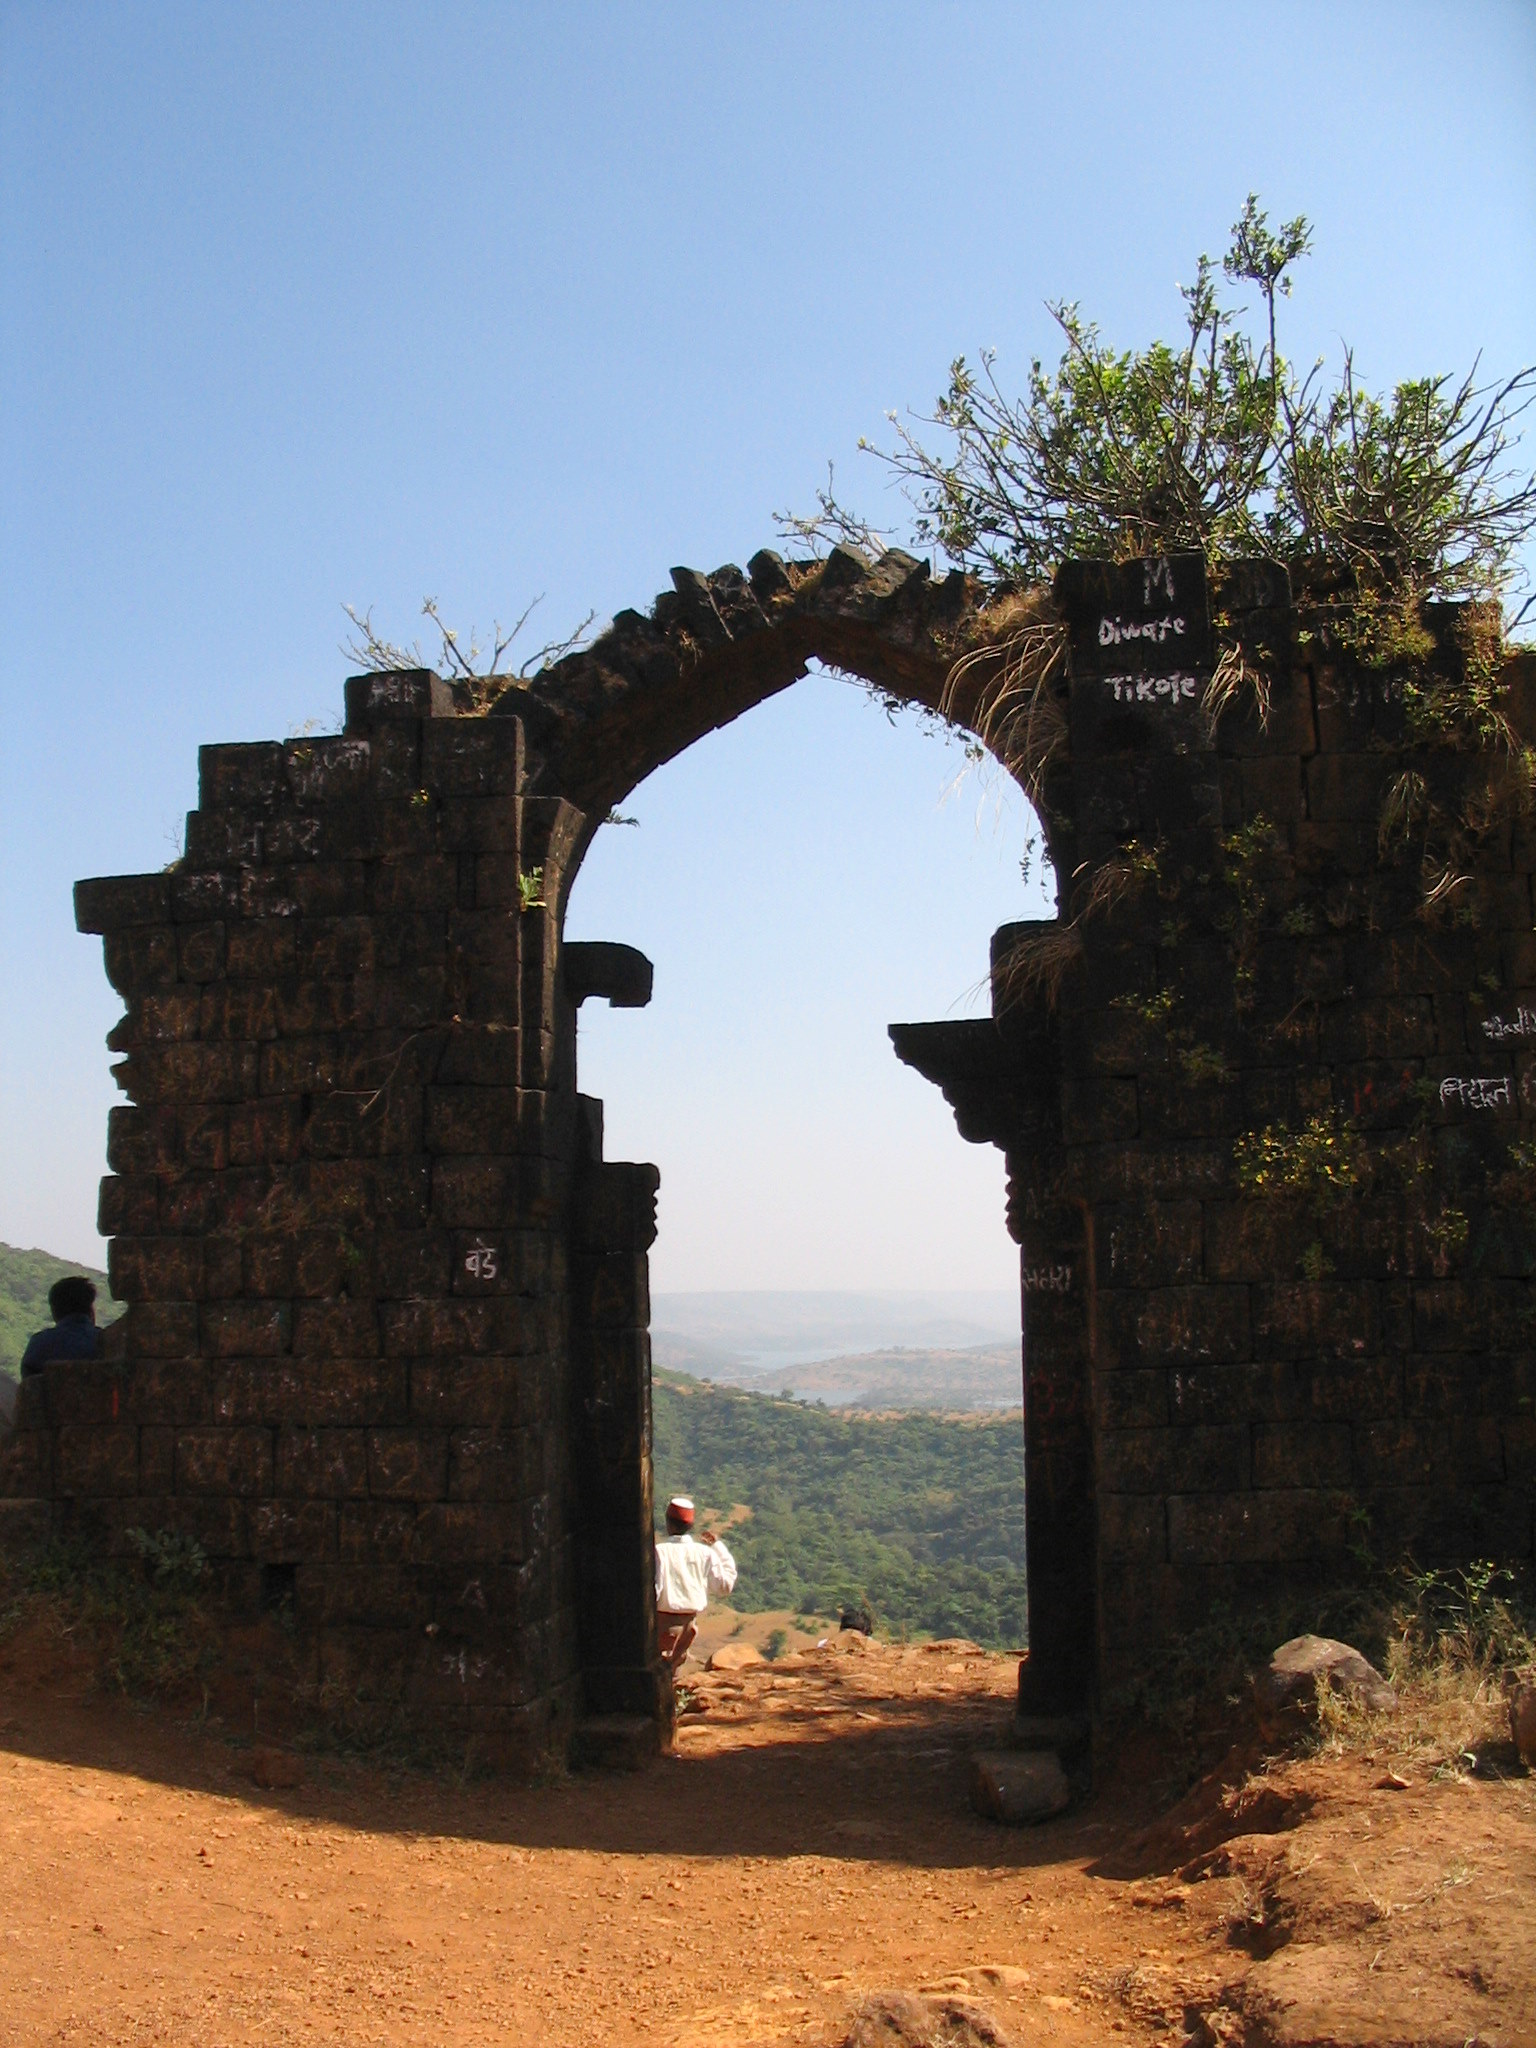 Vishalgad (by Ankur P)